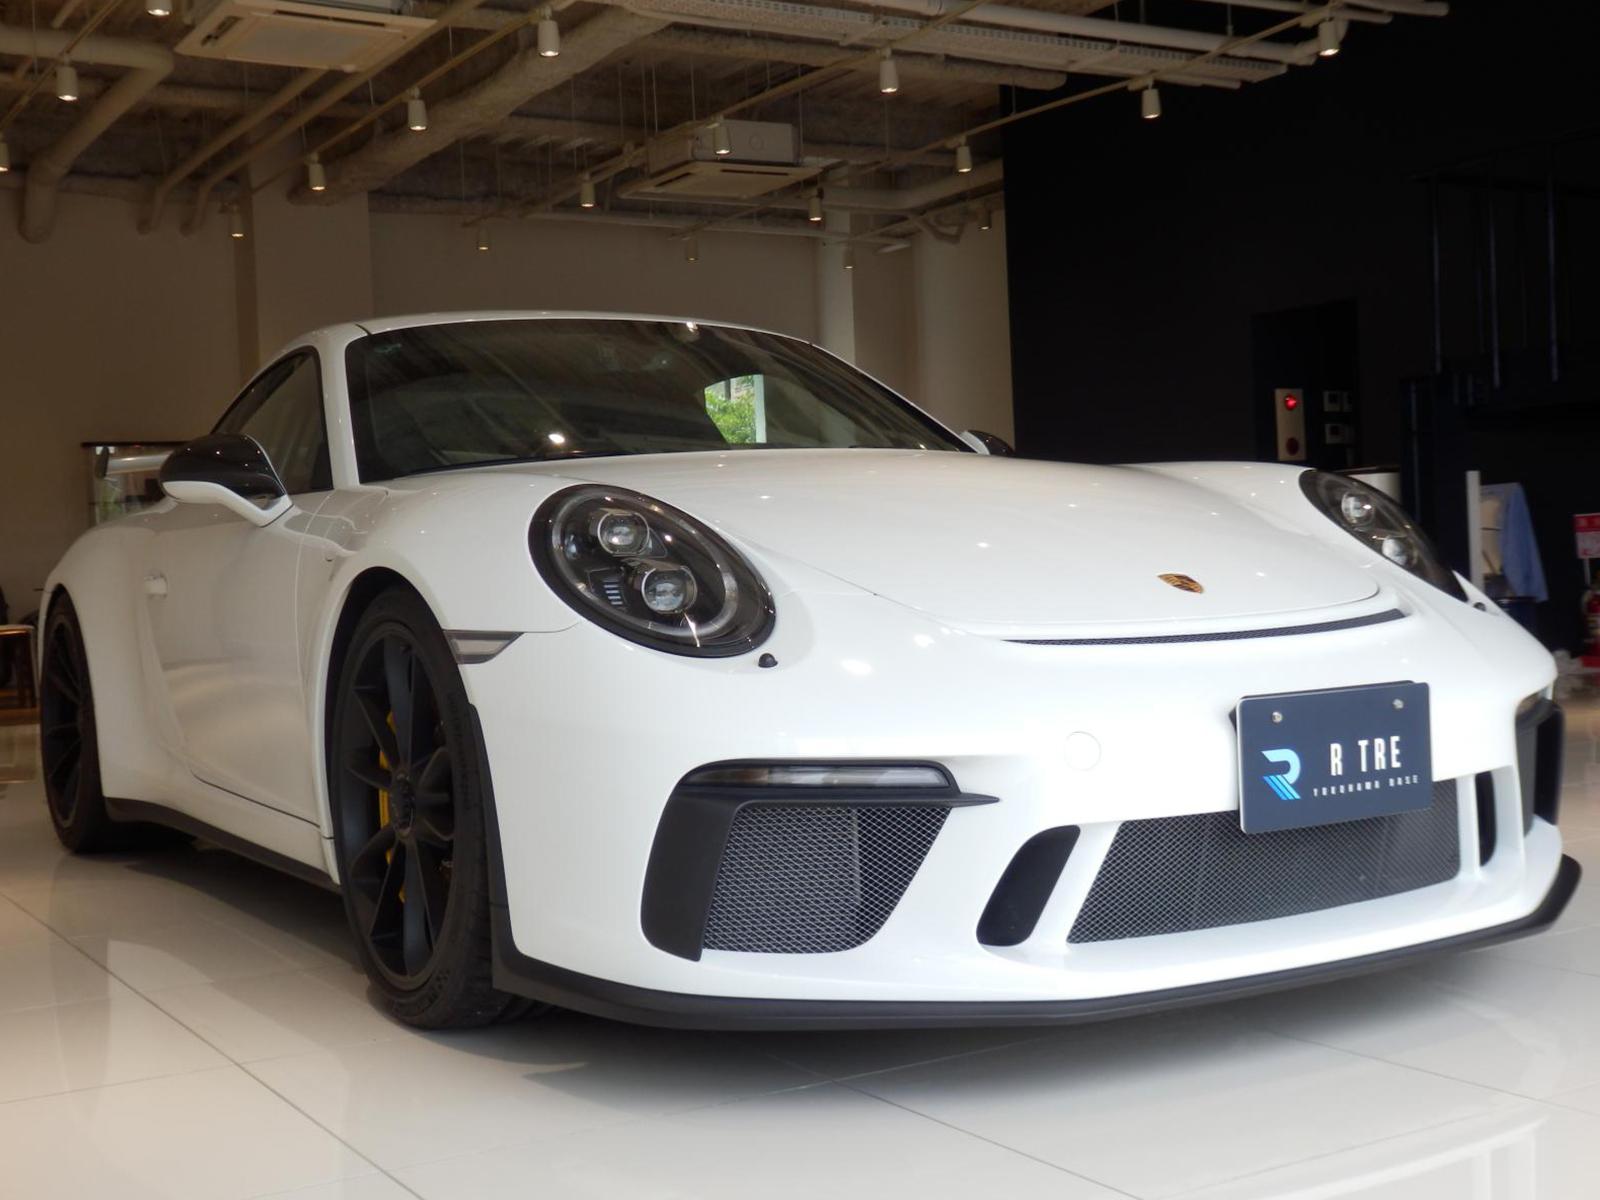 ポルシェ 911 GT3 タイプ991-Ⅱ 右フロント